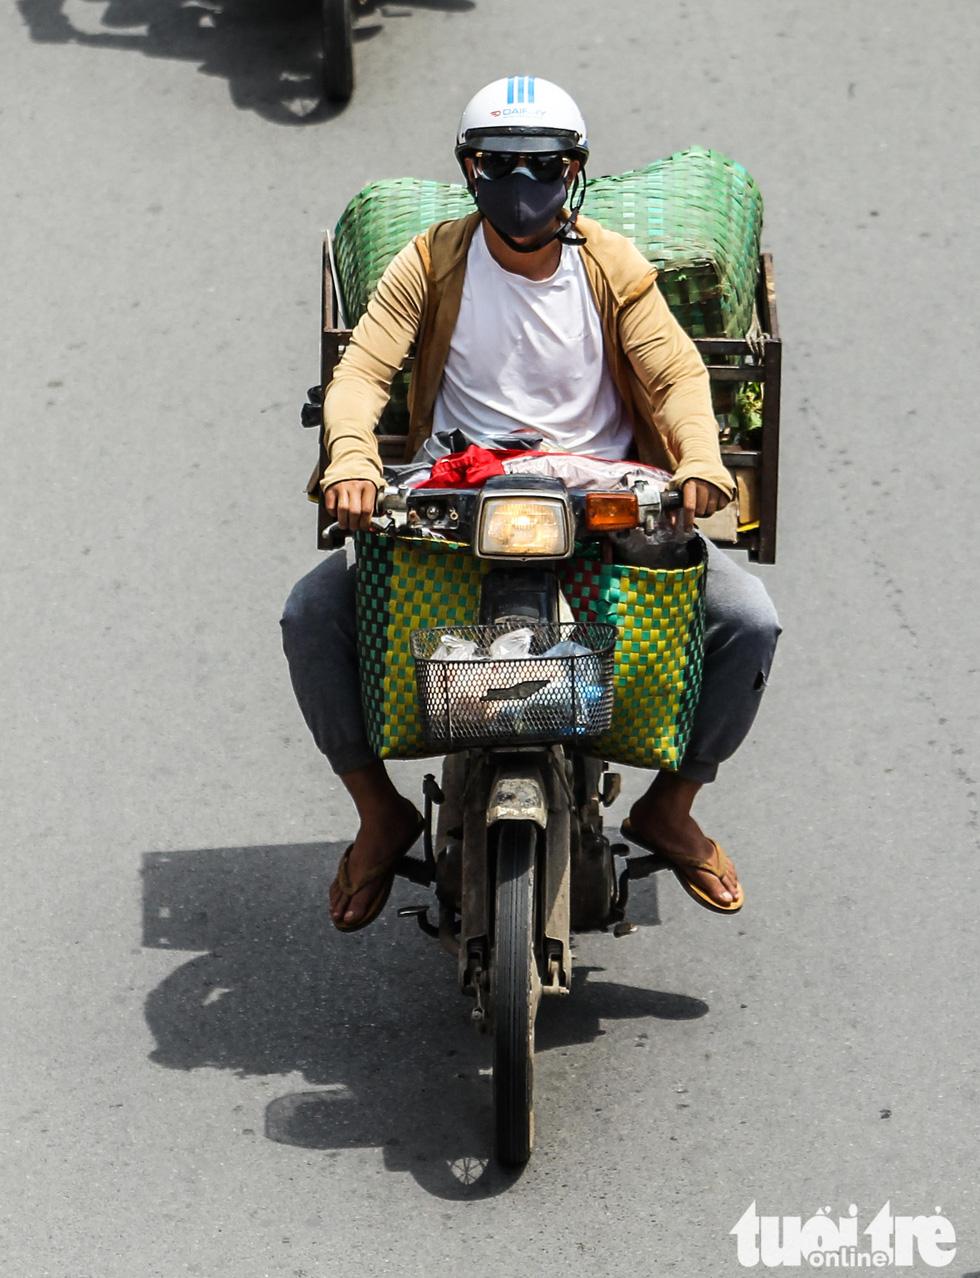 Xe máy phế liệu nhả khói đen, chở hàng cồng kềnh trên phố Hà Nội - Ảnh 9.